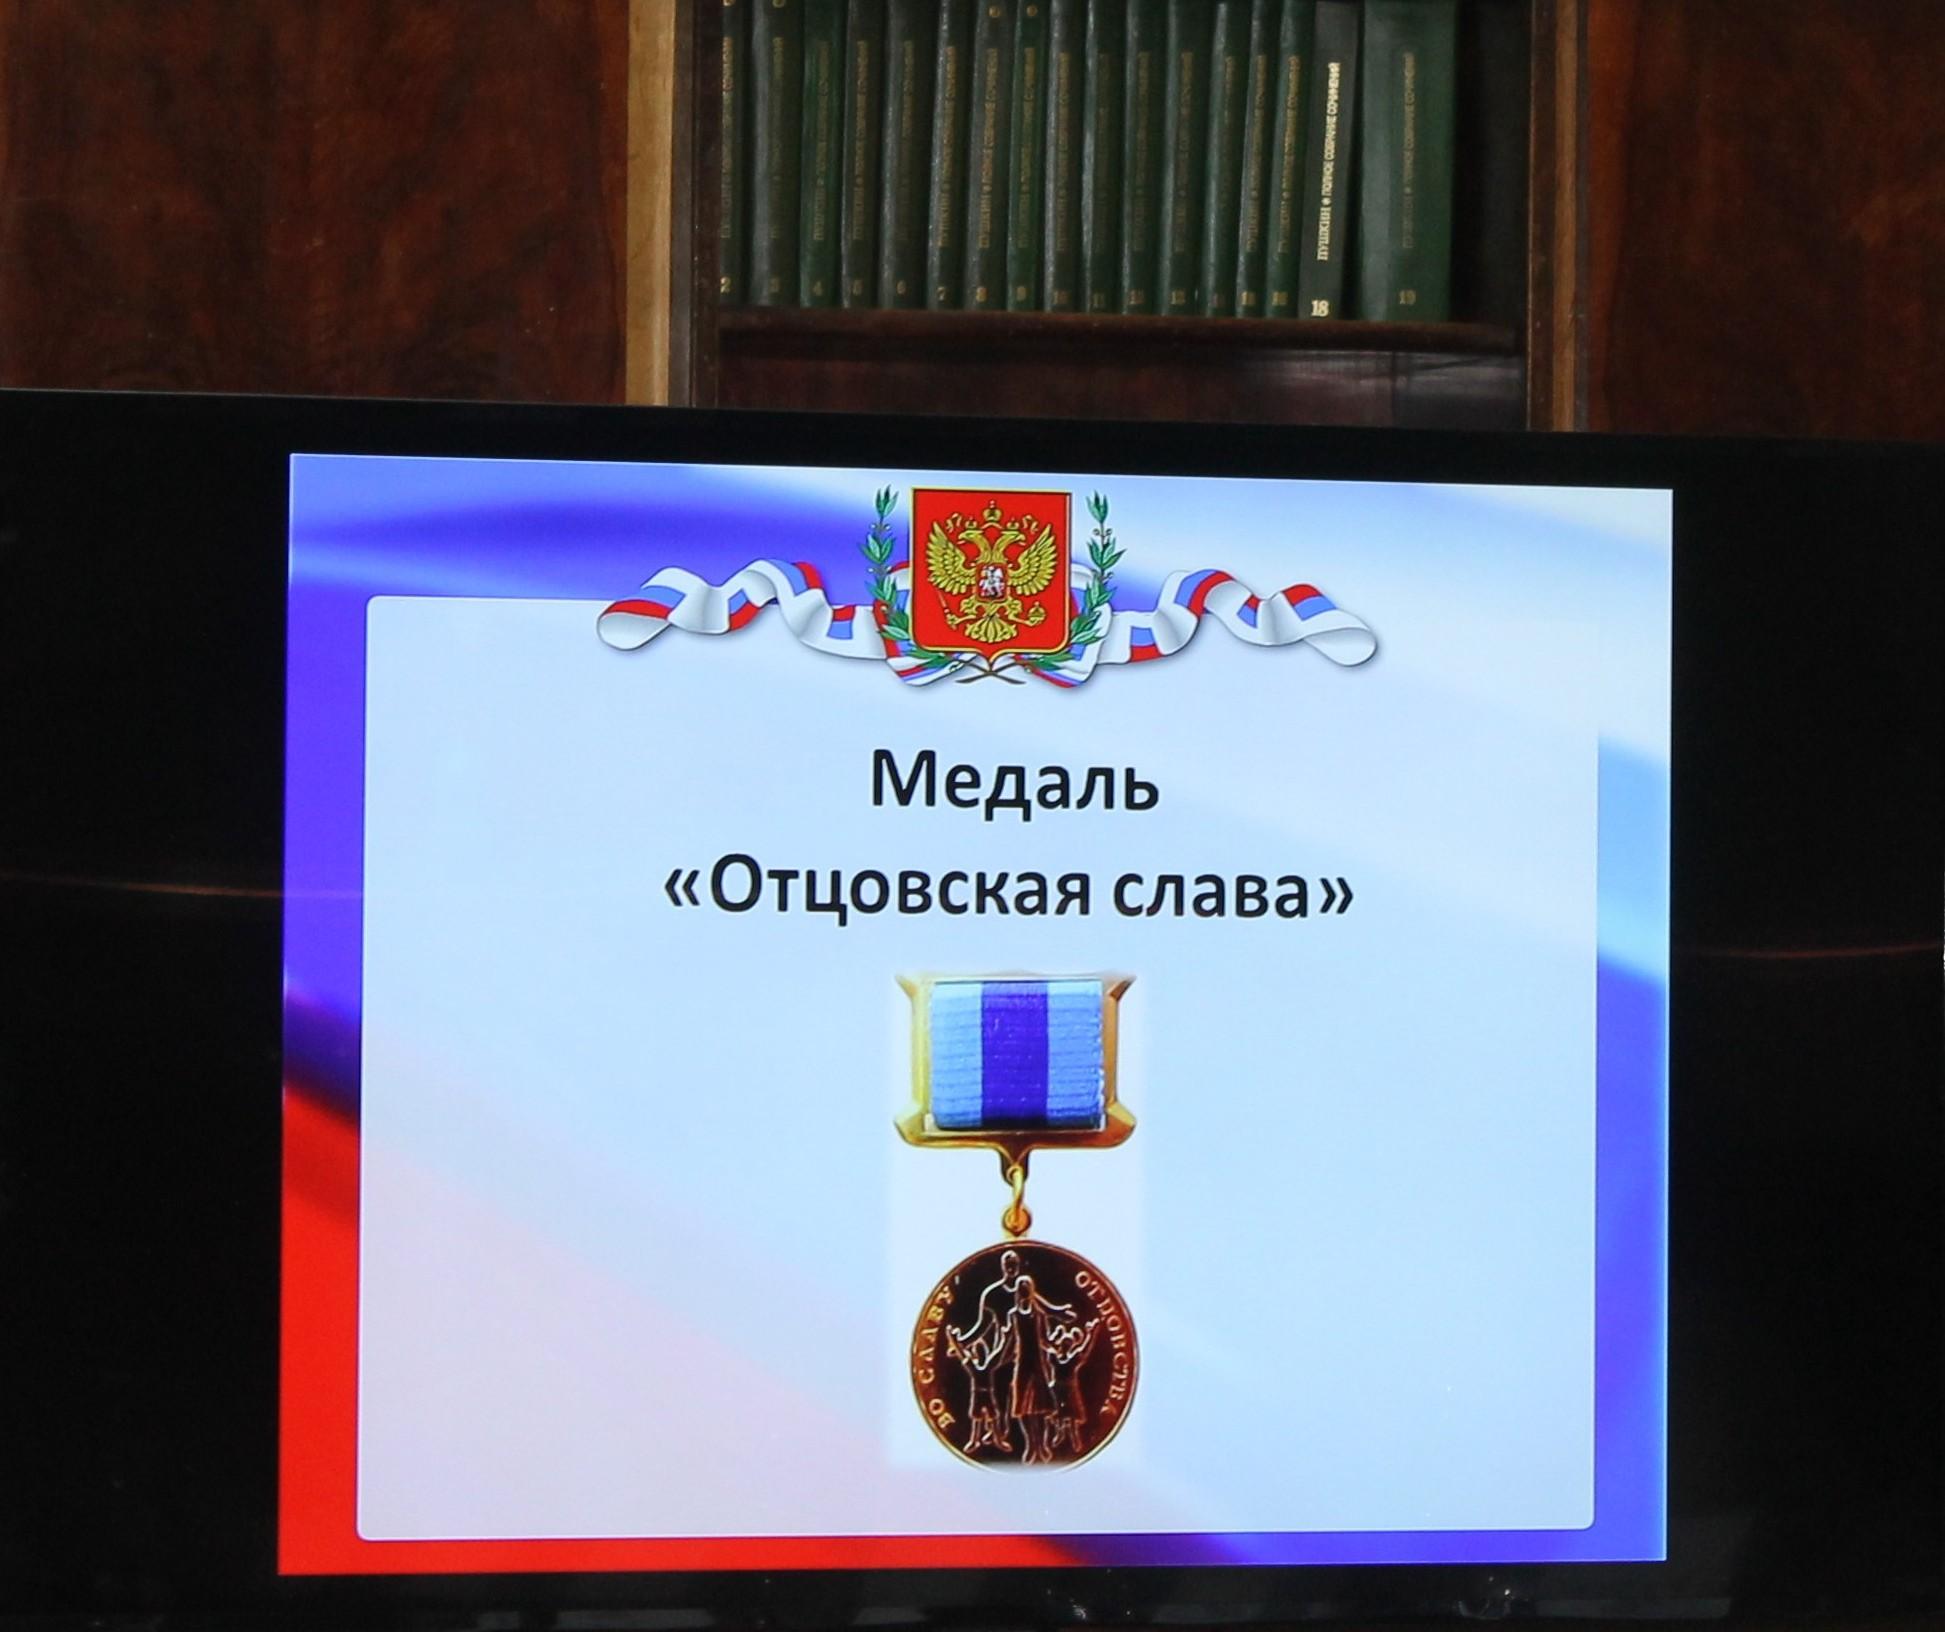 Совет отцов Нижнего Новгорода предложил учредить медаль «Отцовская слава»